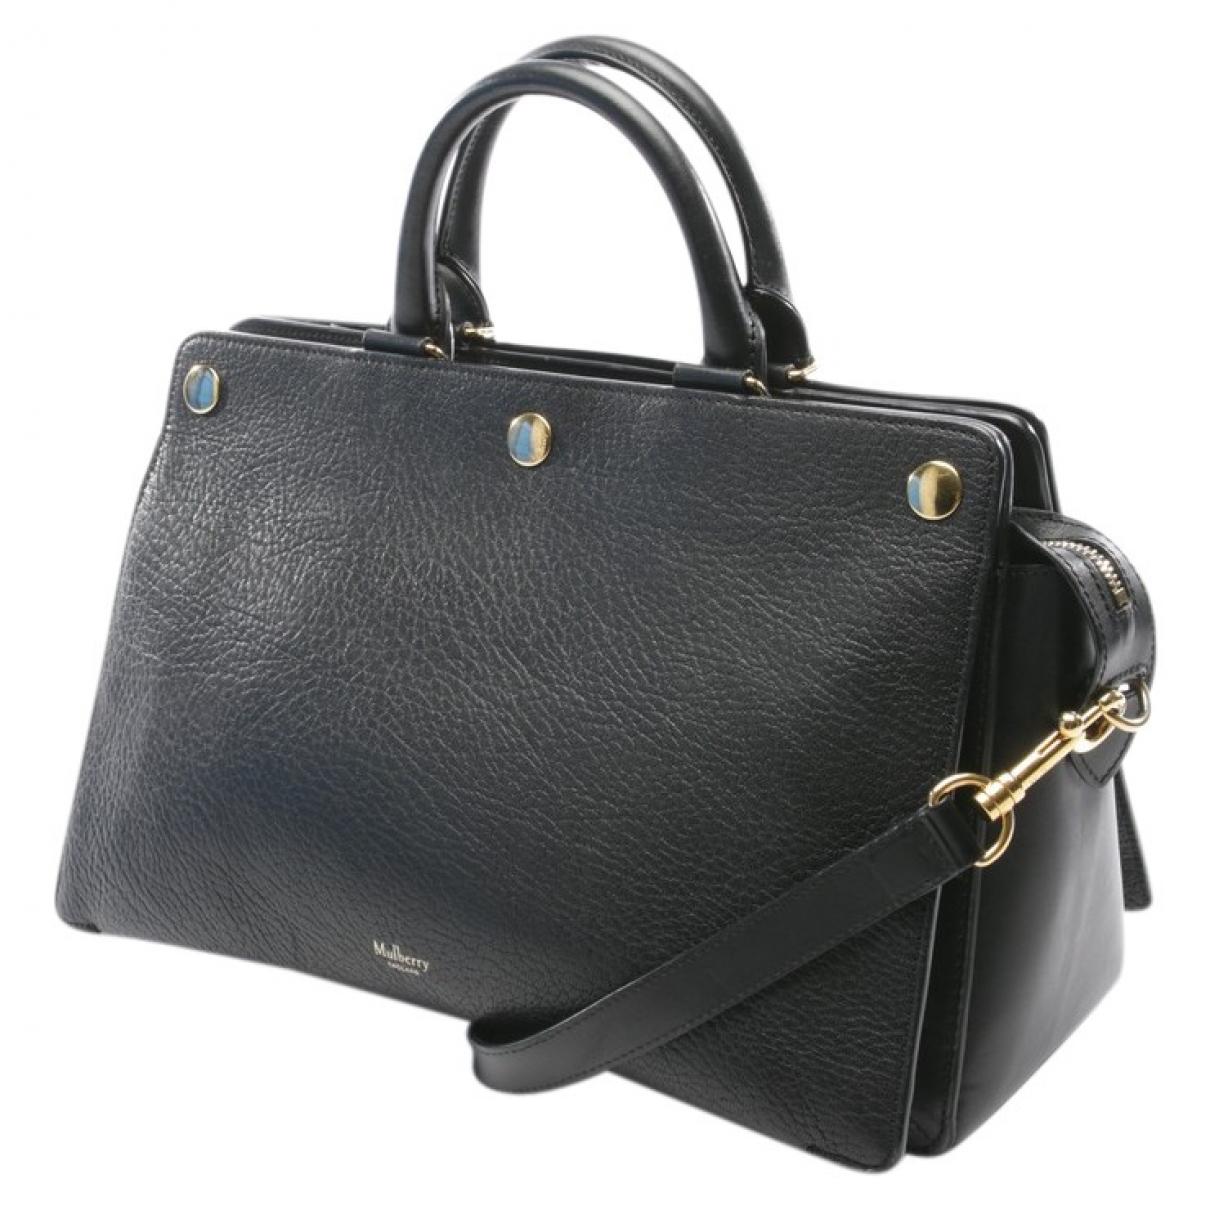 Mulberry \N Handtasche in  Schwarz Leder